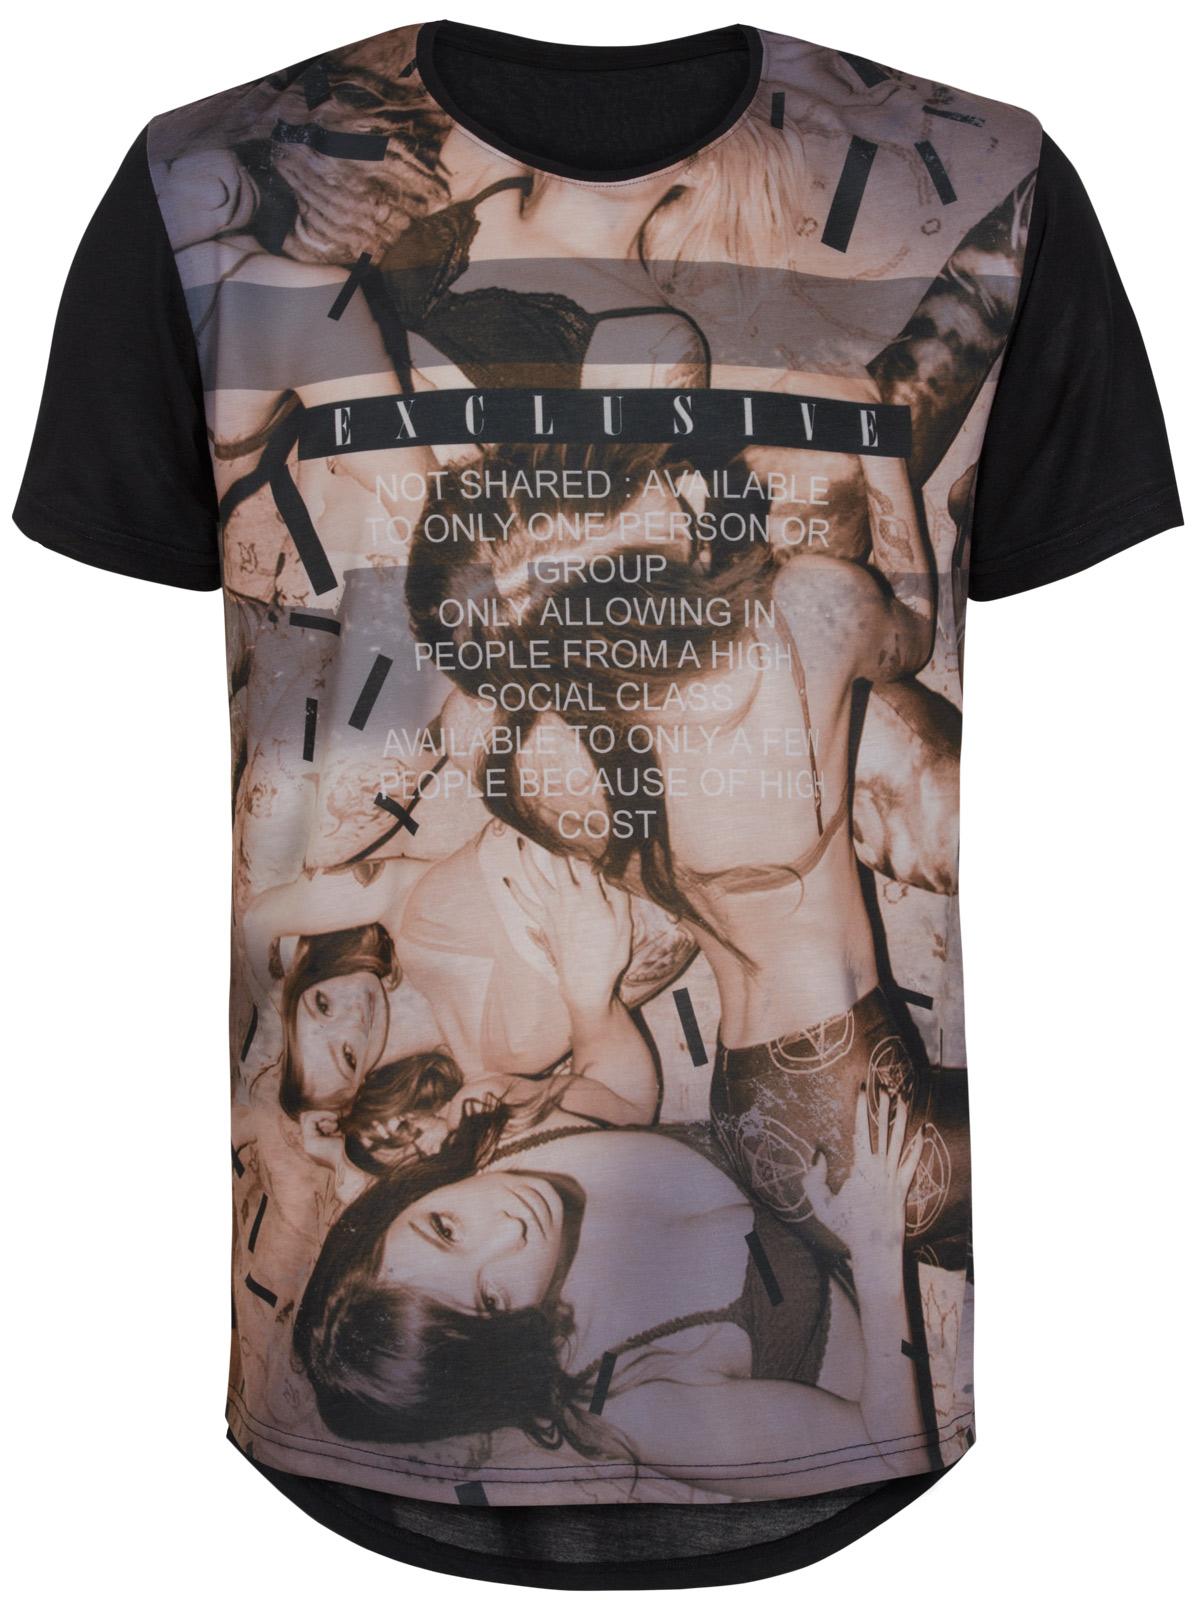 Ανδρική Μπλούζα με Ψηφιακό Τύπωμα Exclusive ανδρικα   μπλούζες   μπλούζες